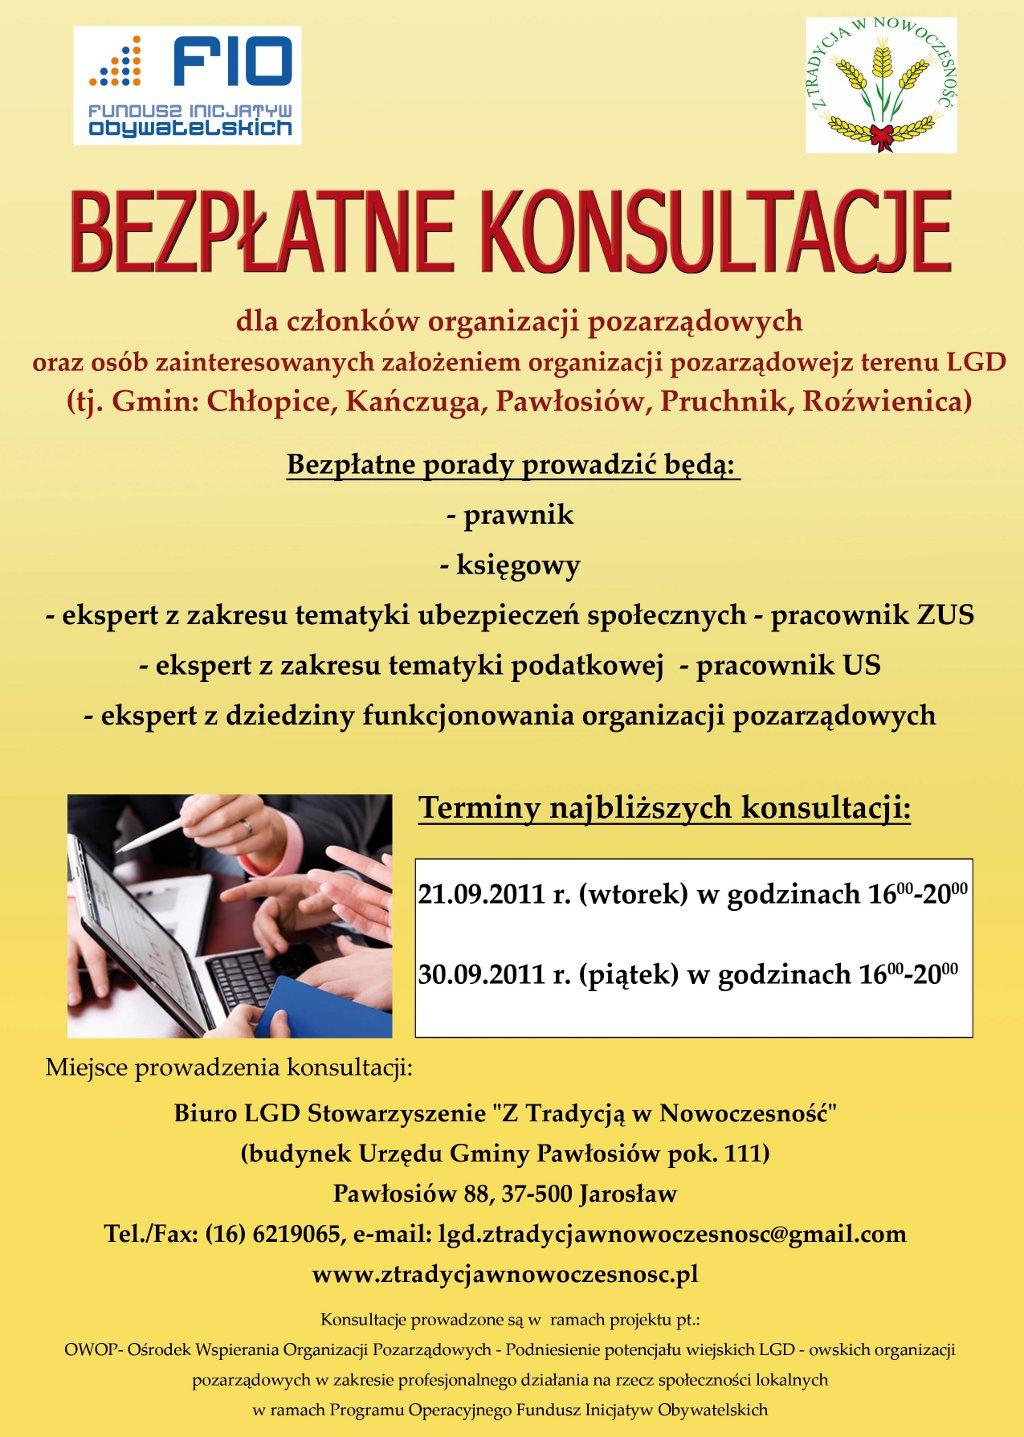 Galeria zdjęć: LGD Zaprasza na konsultacje - wrzesień 2011